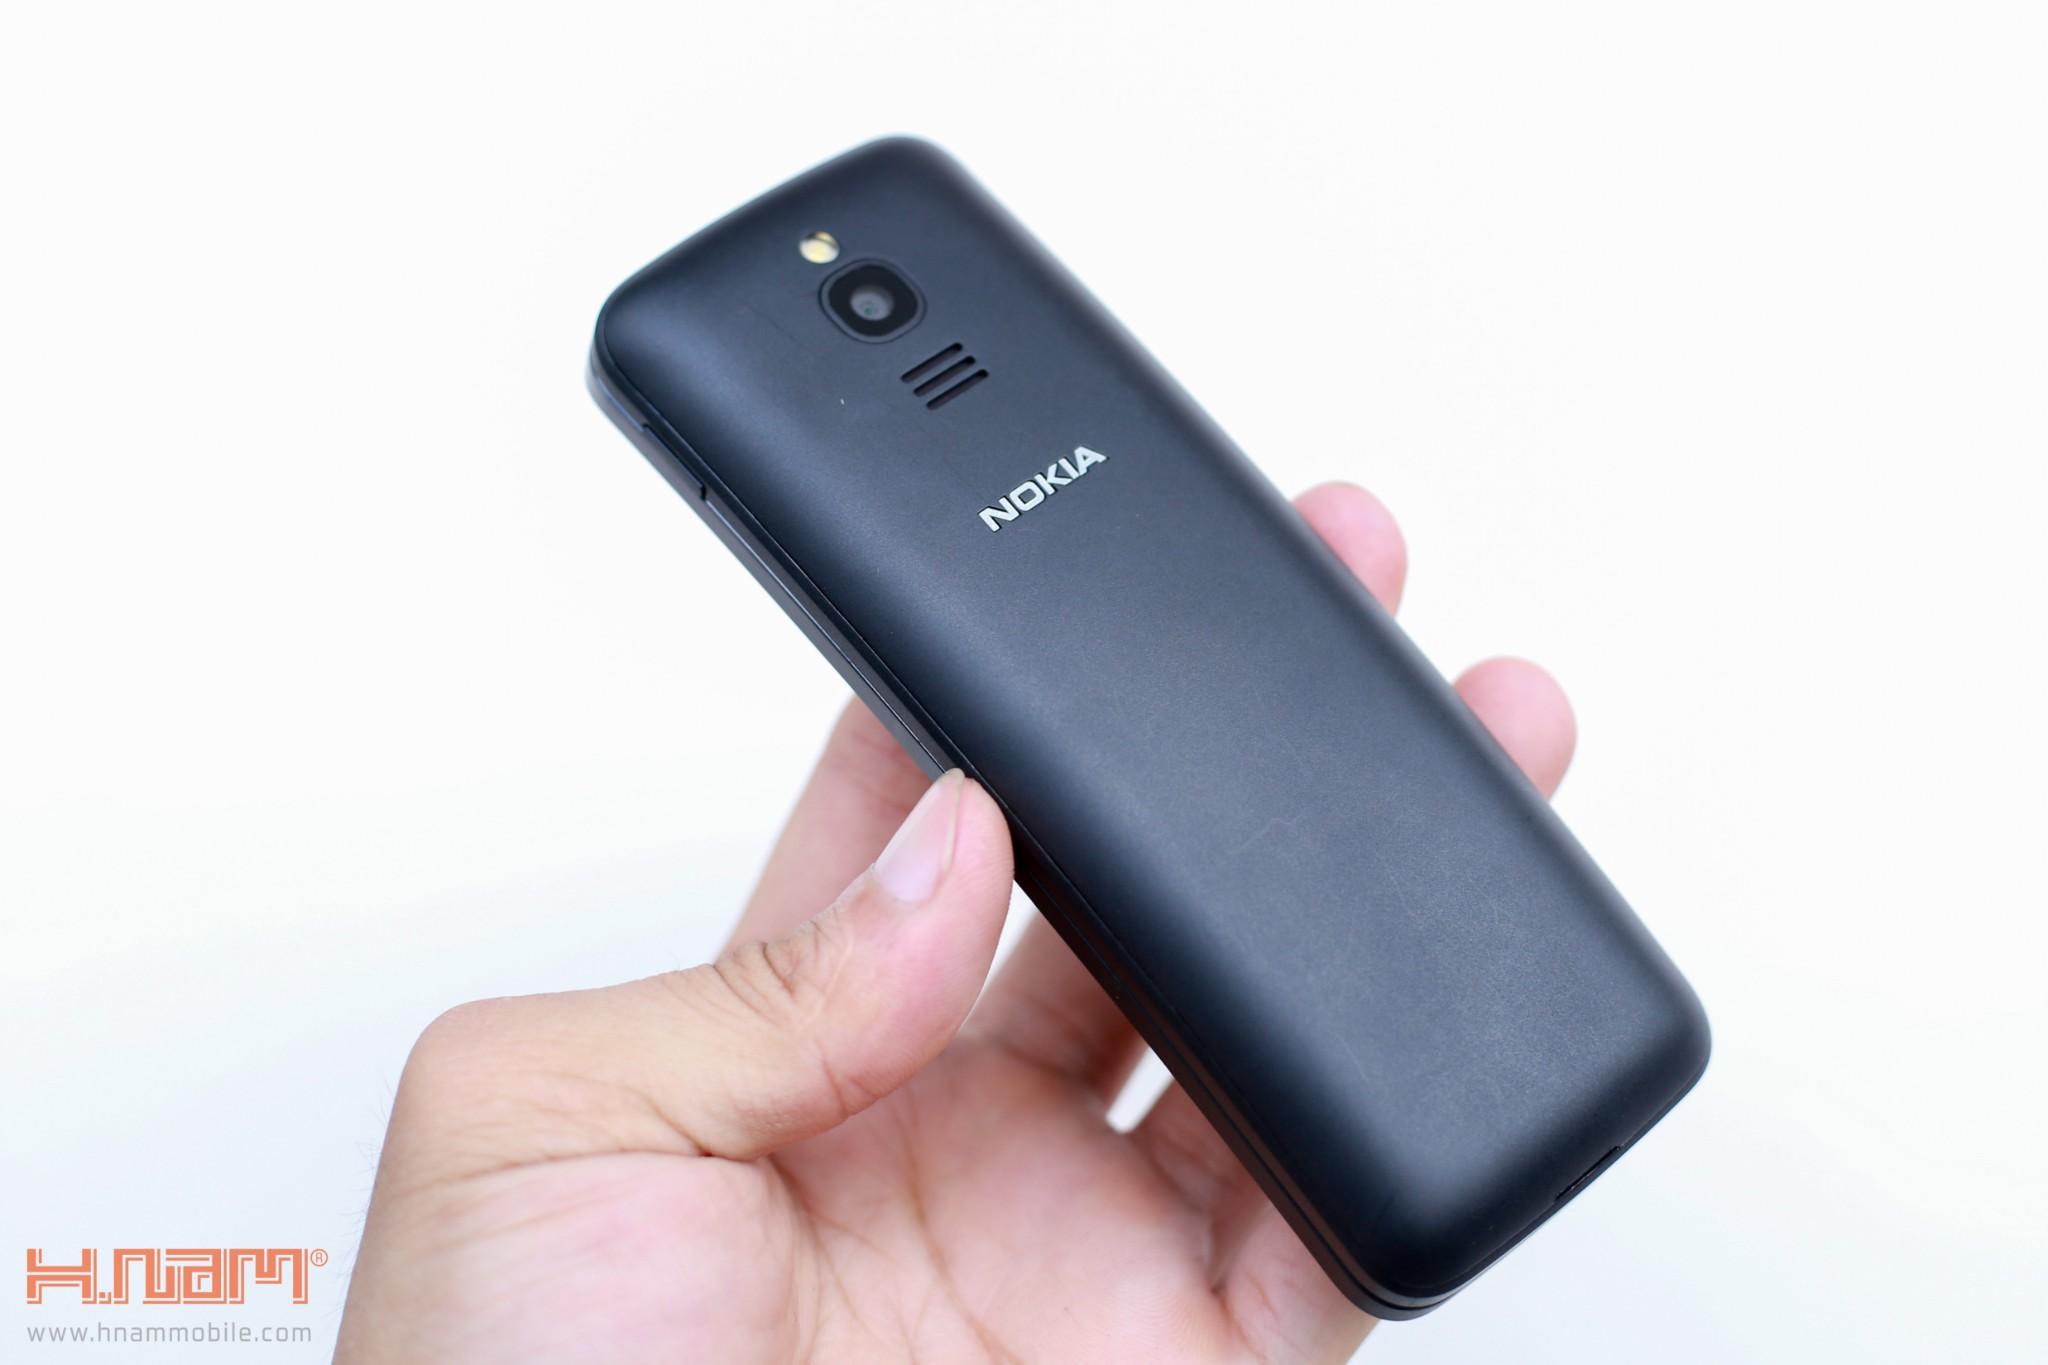 Trên tay Nokia 8110 chuối: Thiết kế siêu cute, phát 4G, giá 1.7 triệu đồng hình 4